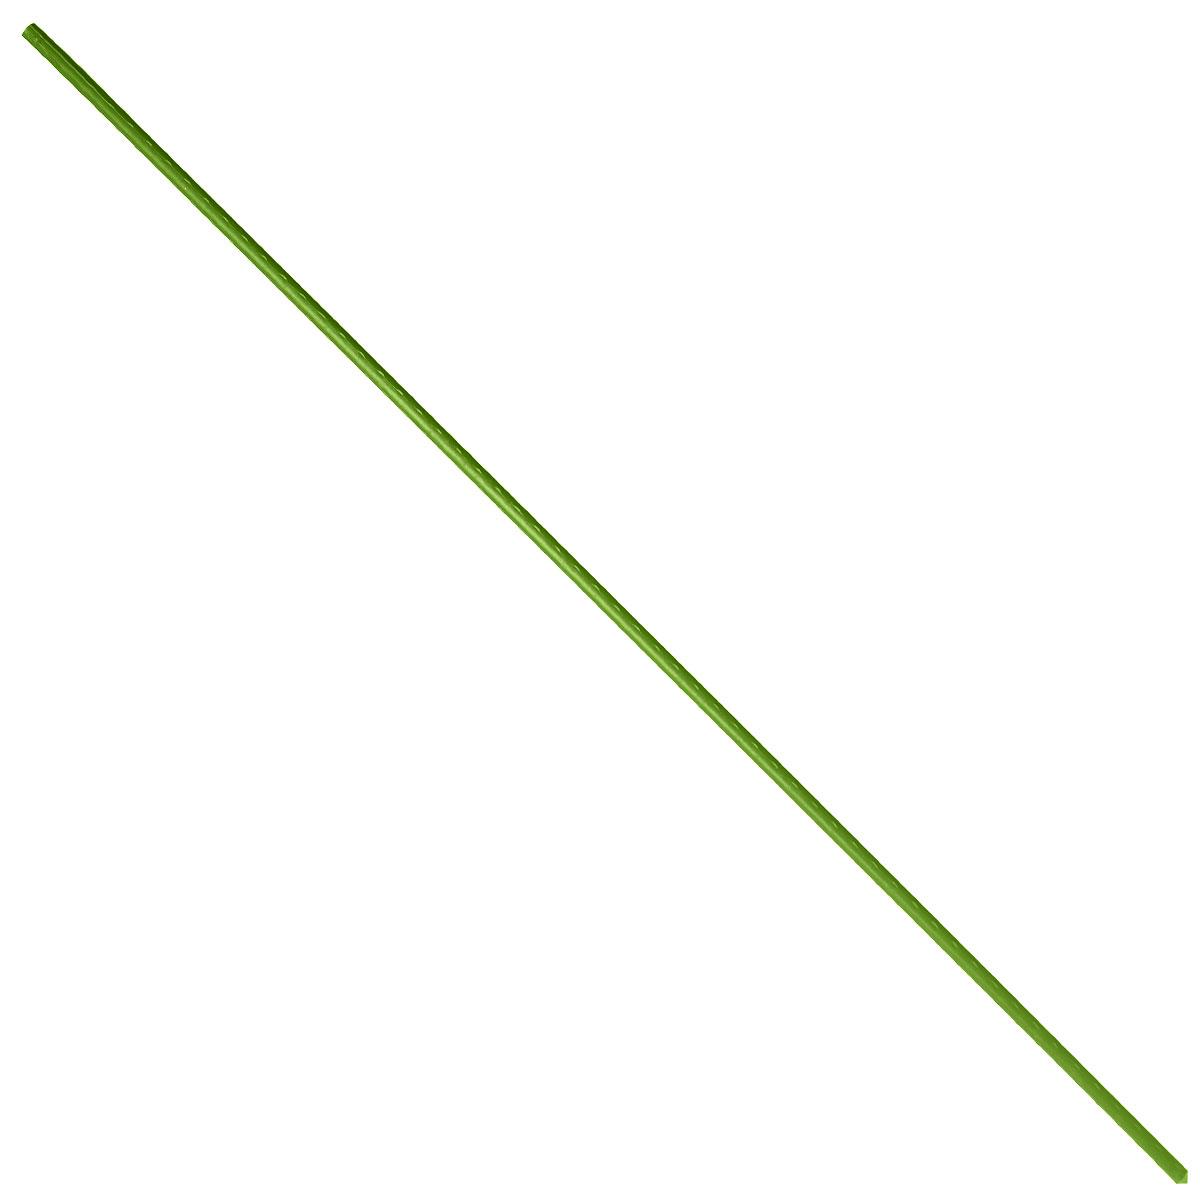 Опора для растений Green Apple, цвет: зеленый, диаметр 0,8 см, длина 90 см, 5 штGCSP-8-90Опора для растений Green Apple выполнена из высококачественного металла, покрытого цветным пластиком. В наборе 5 опор, выполненных в виде ствола растения с шипами. Такие опоры широко используются для поддержки декоративных садовых и комнатных растений. Также могут применятся для поддержки вьющихся растений в парниках. Длина опоры: 90 см. Диаметр опоры: 0,8 см. Комплектация: 5 шт.